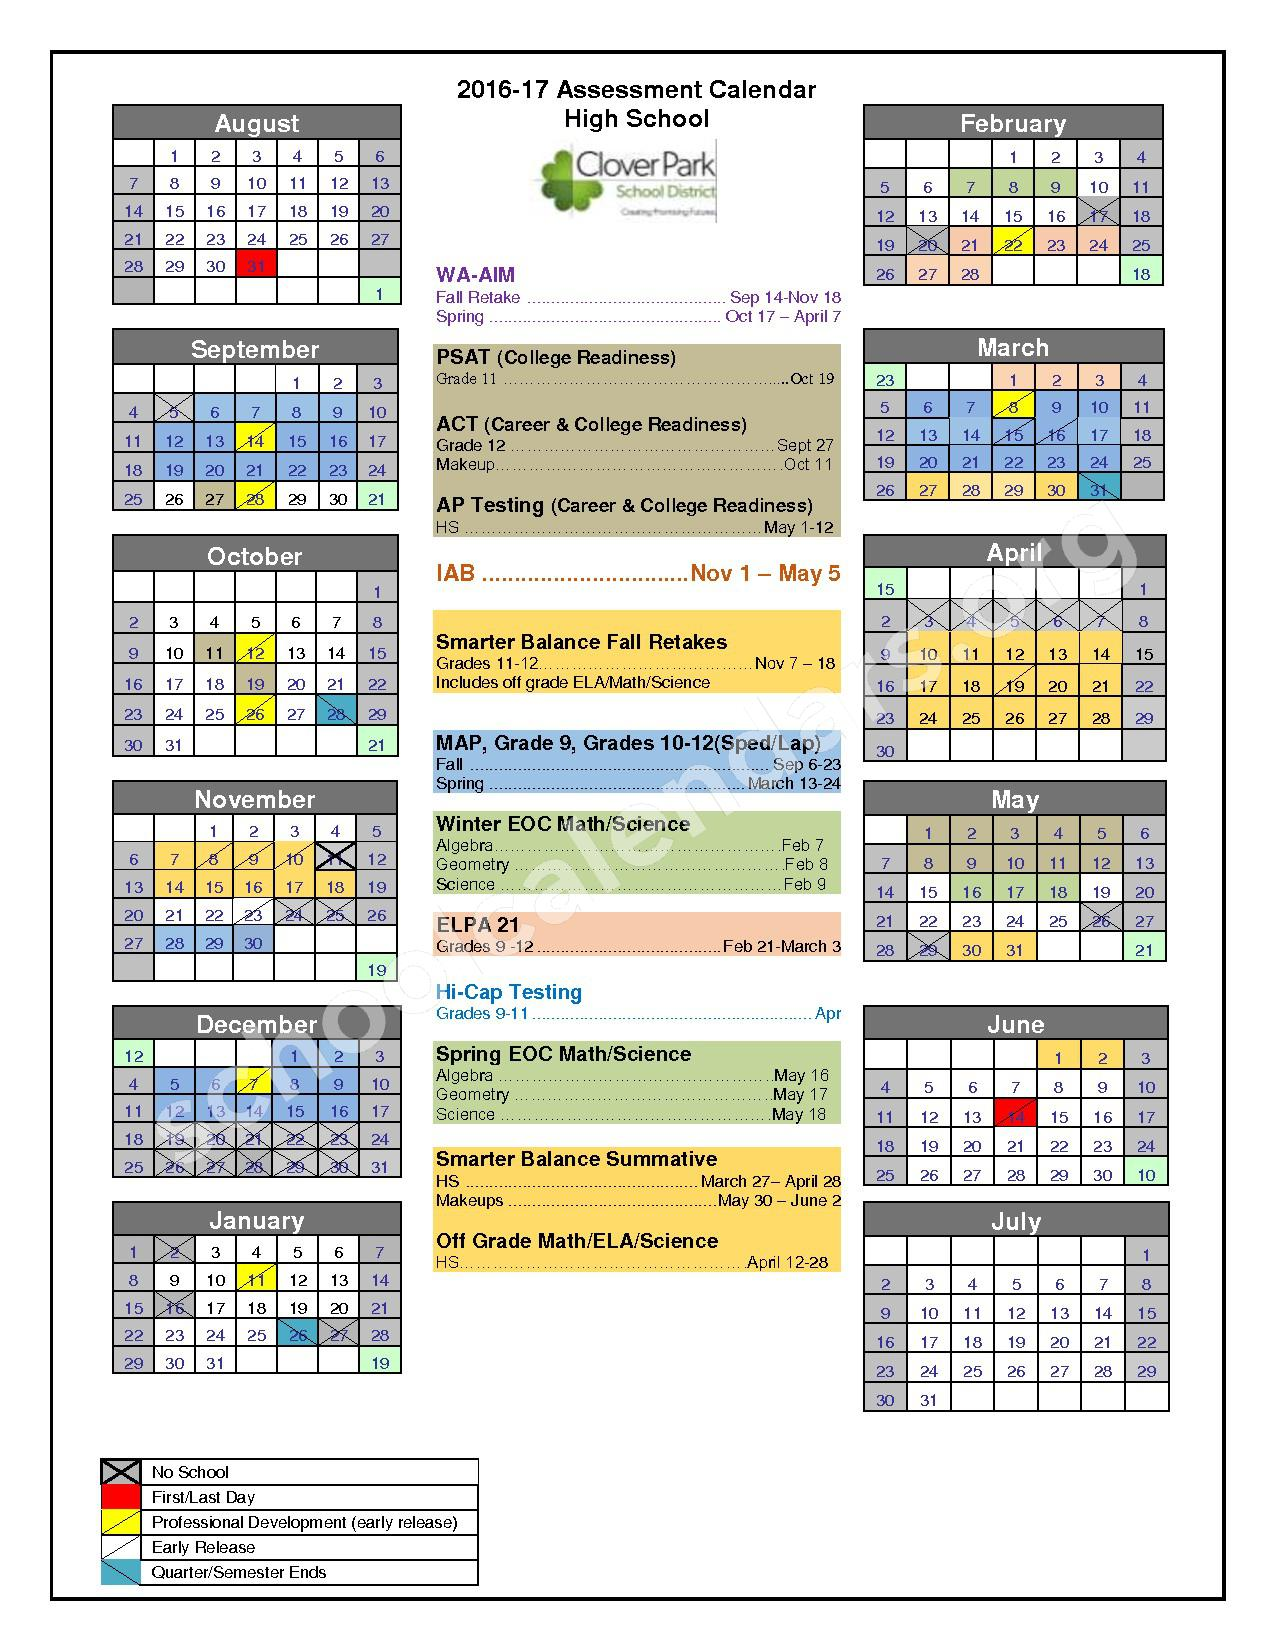 2016 - 2017 District Calendar – Clover Park School District – page 1